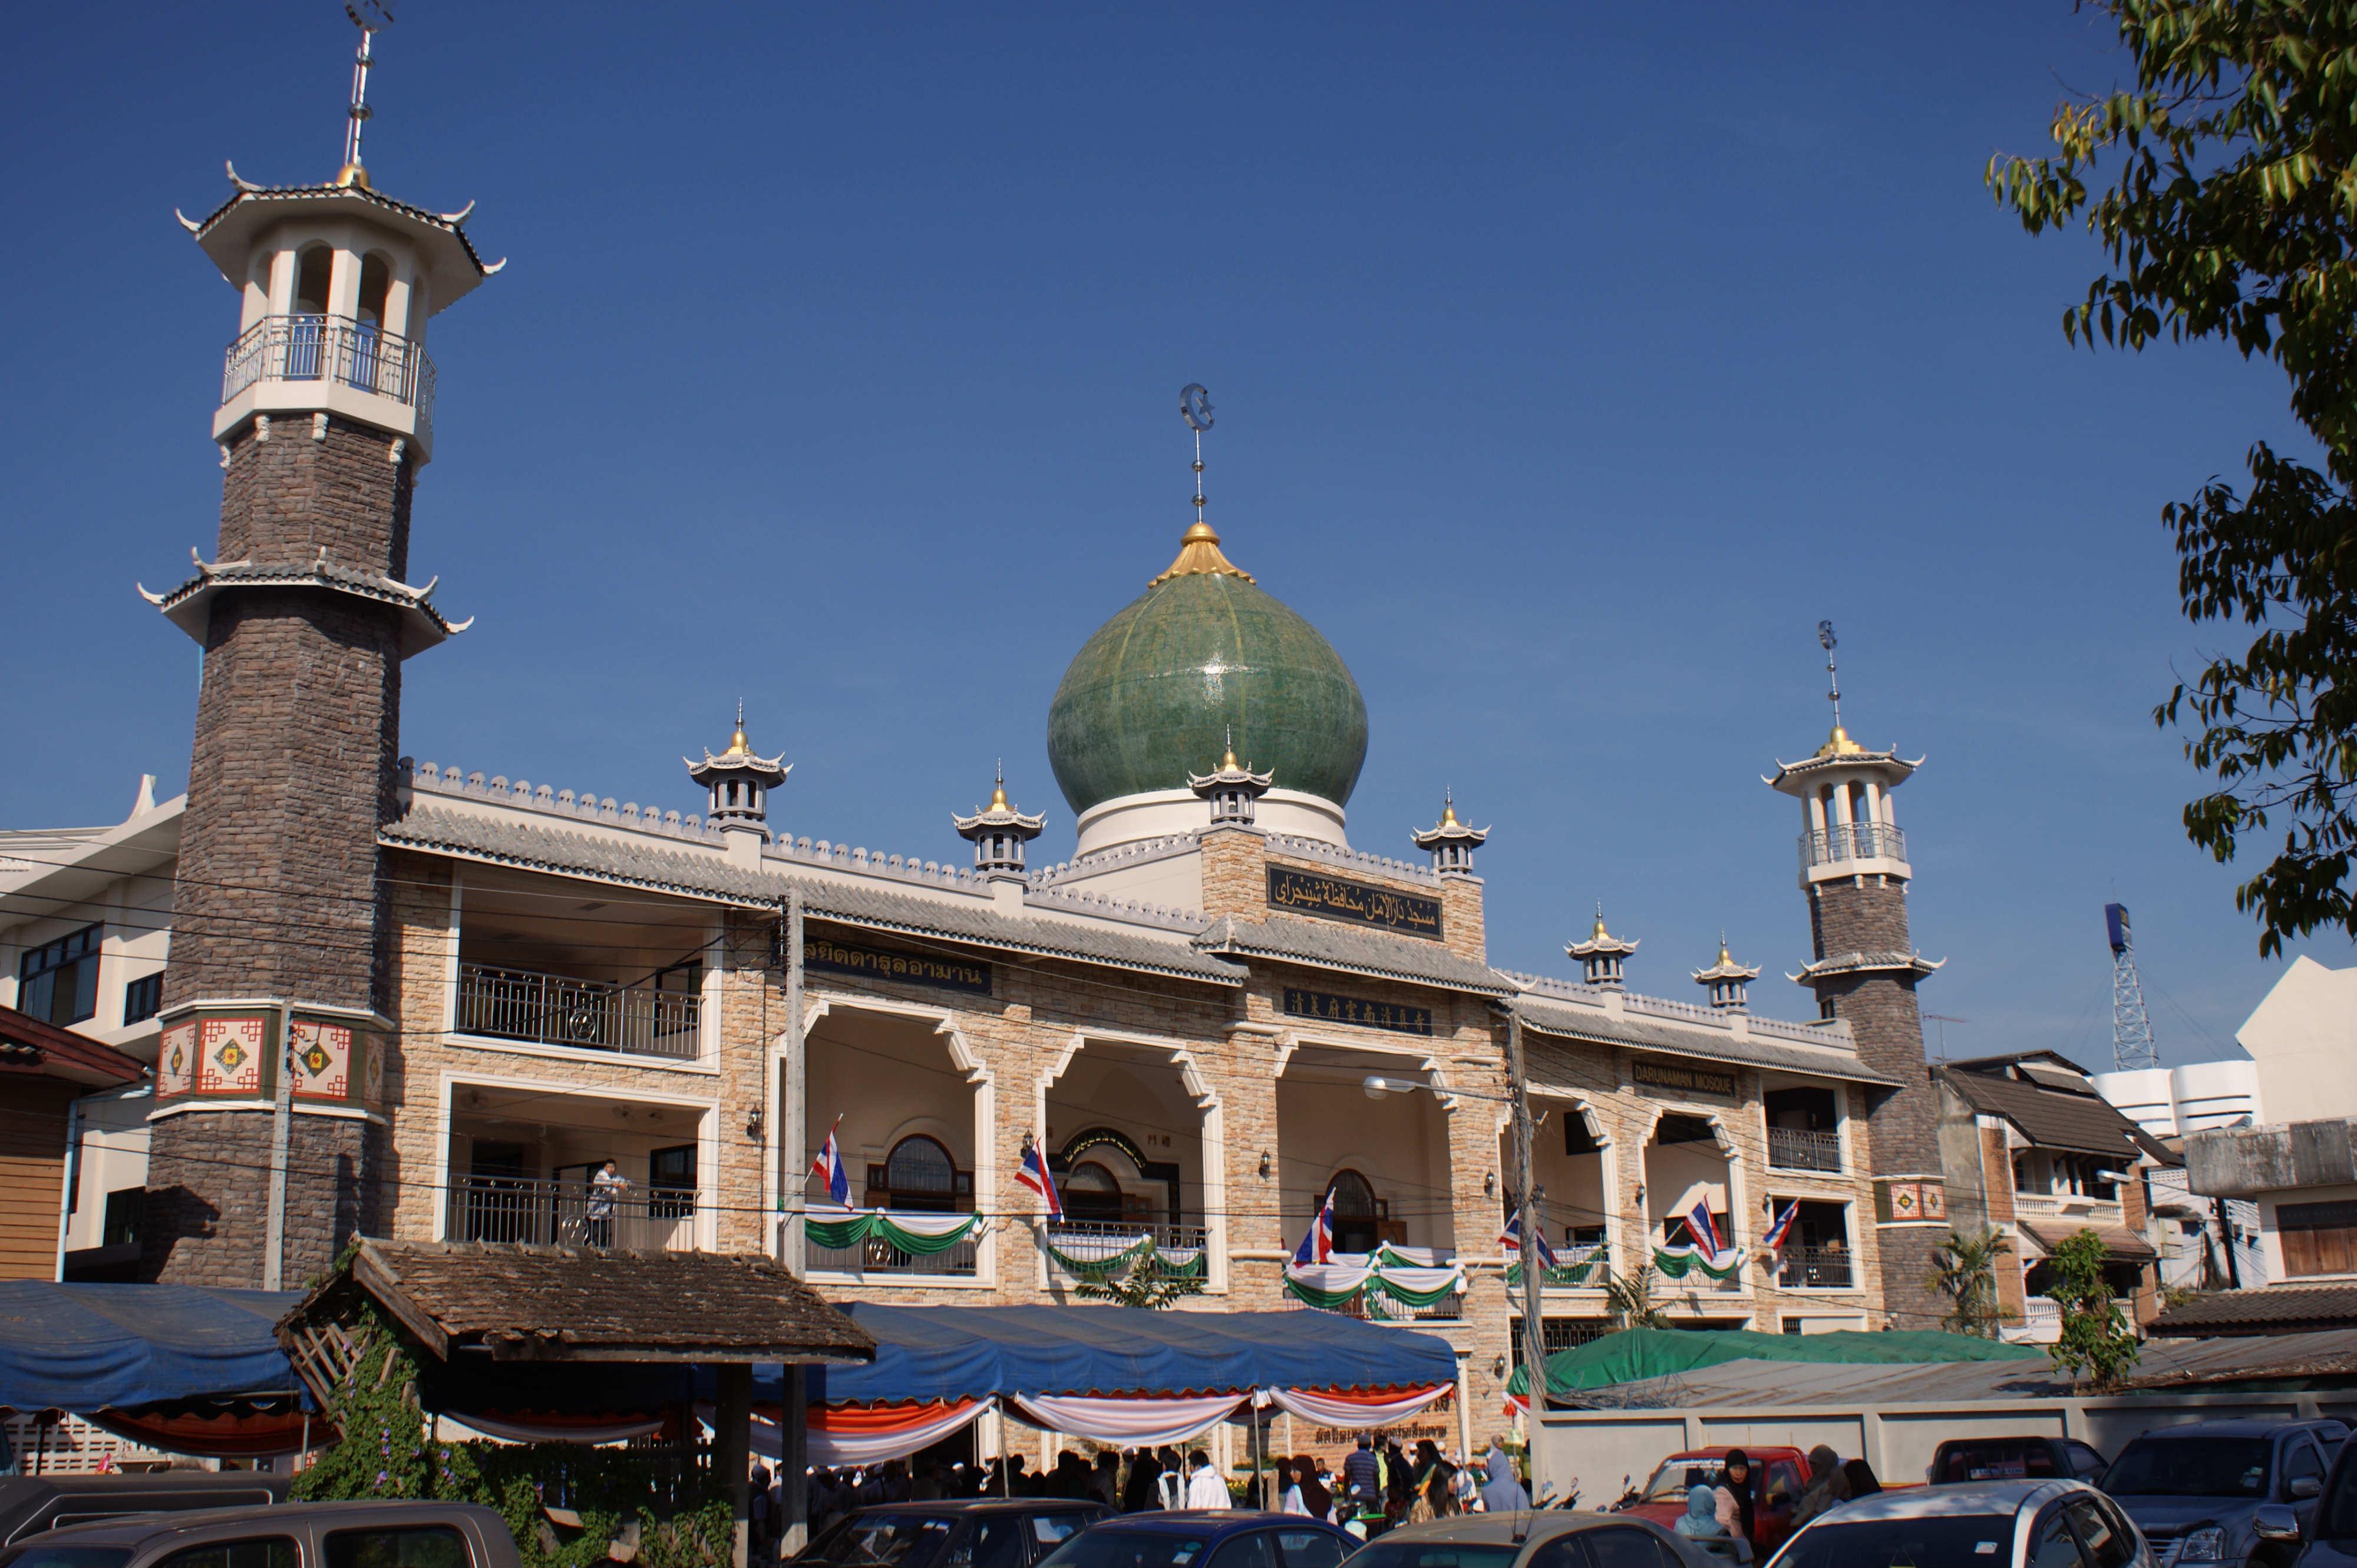 Chiang_Rai_Mosque1